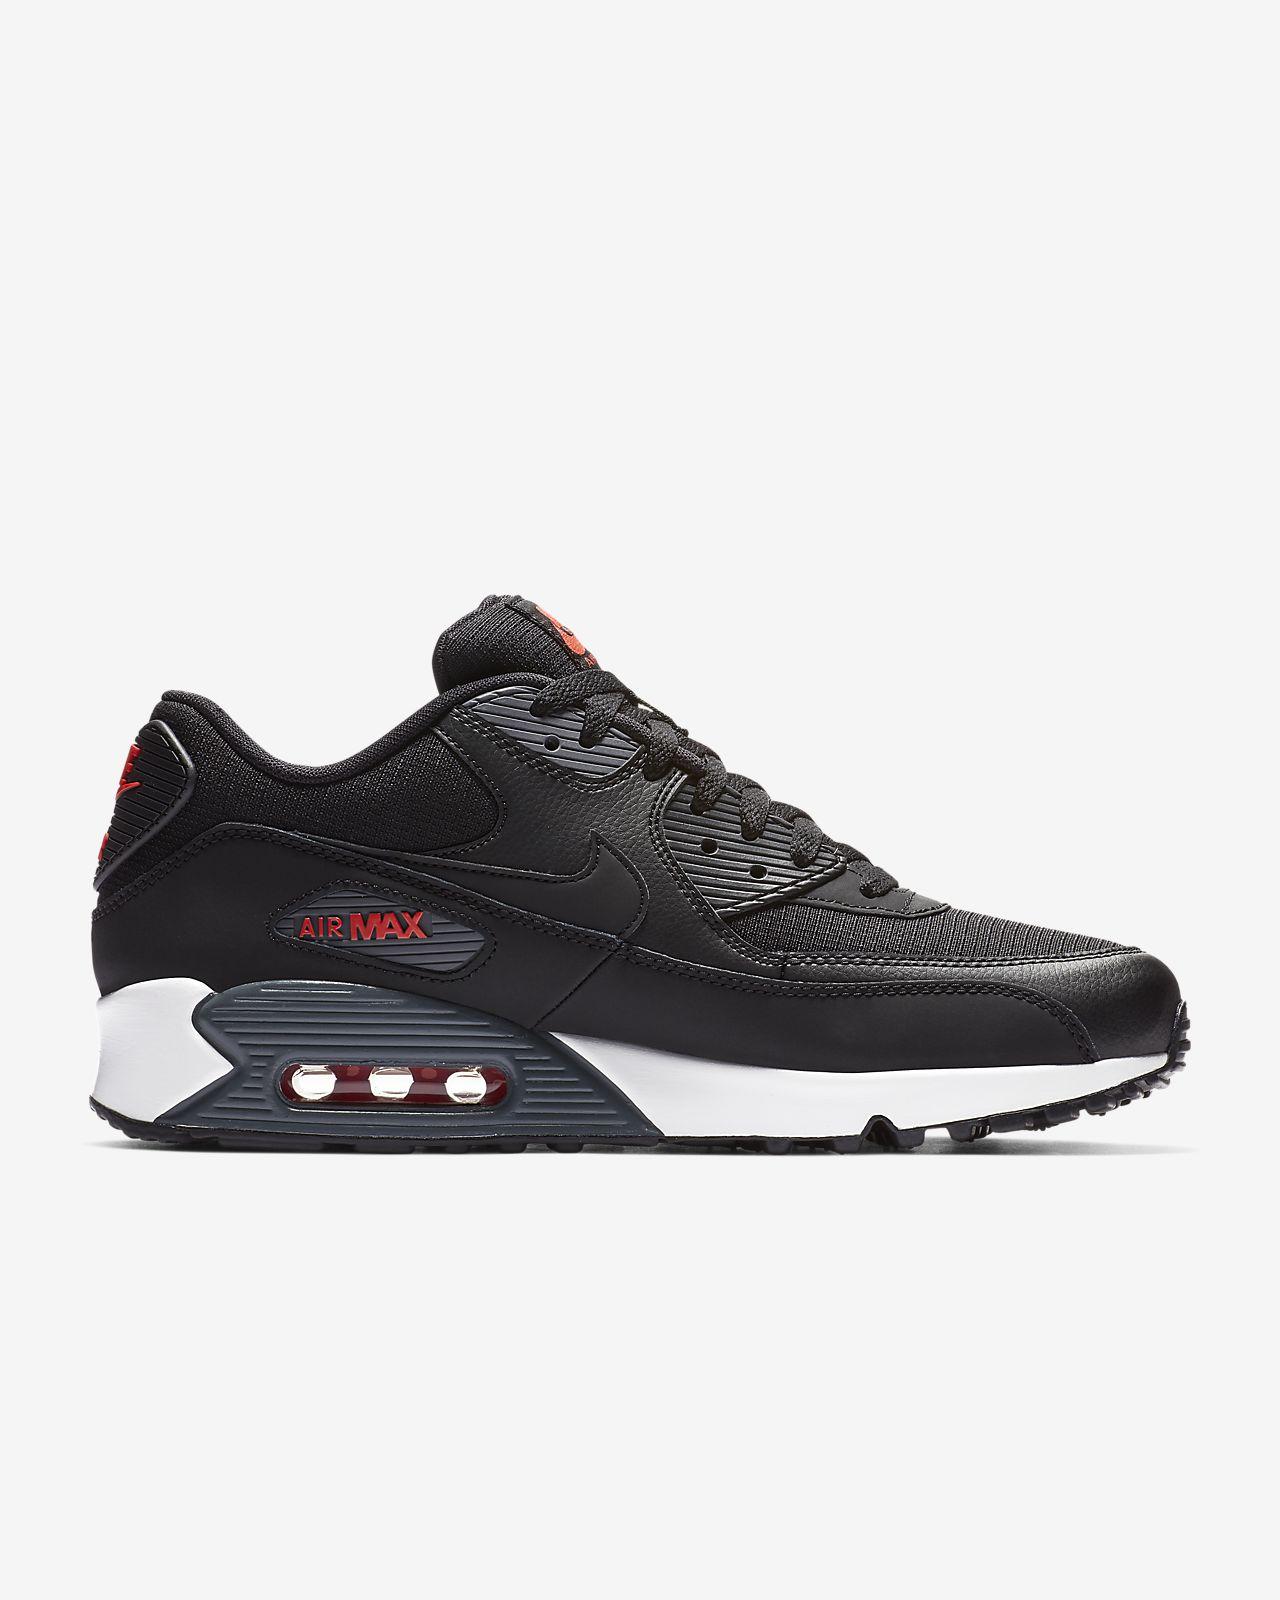 online store 7b66e dd3d1 ... Nike Air Max 90 SE-sko til mænd